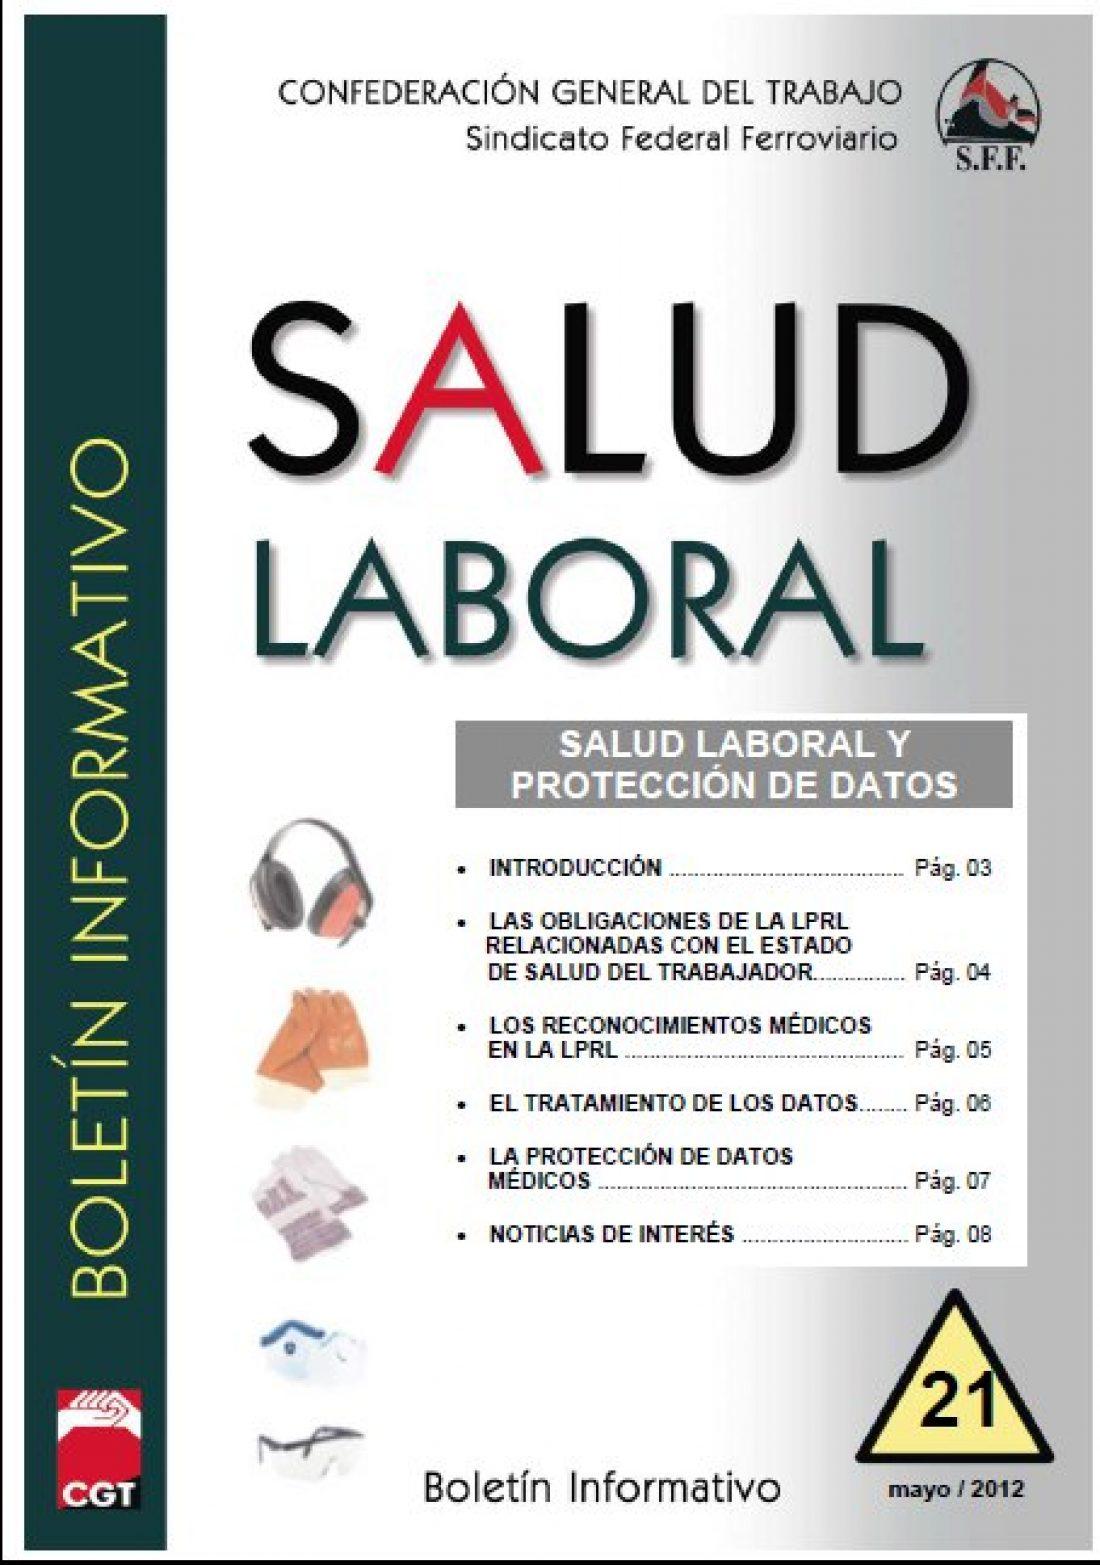 Sindicato Federal Ferroviario. Boletín de Salud Laboral nº 21